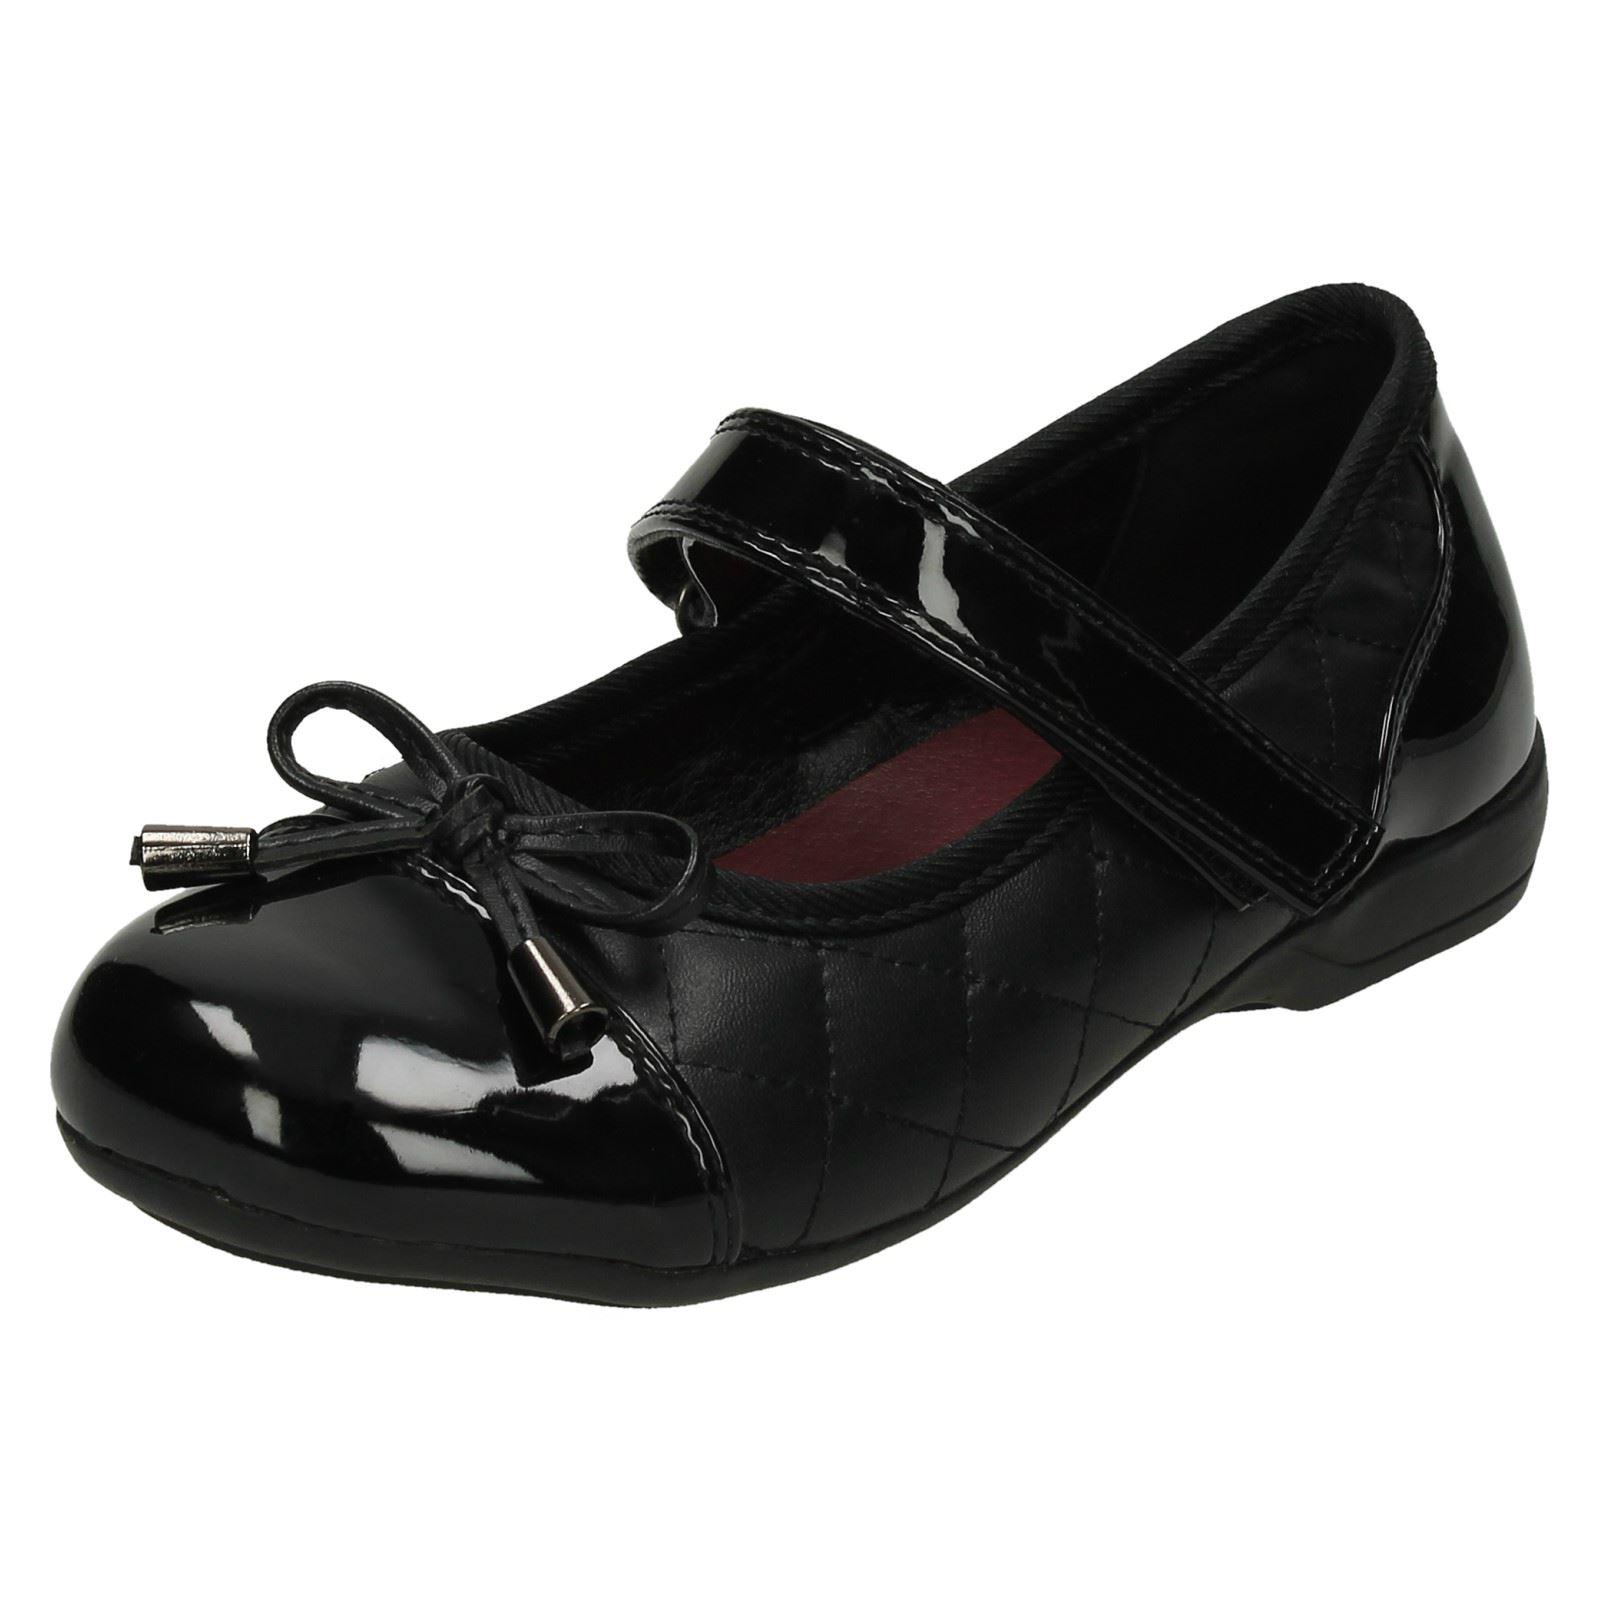 School Quilted Vamp 'School Shoes